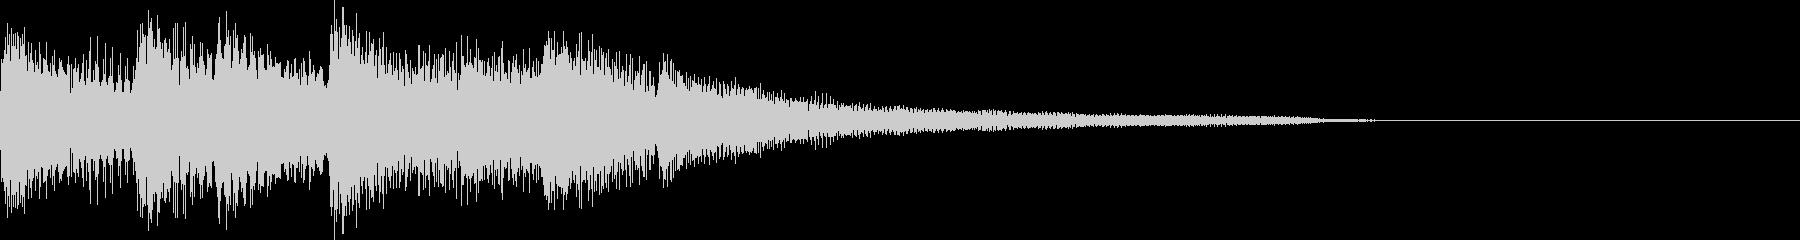 軽快で明るいリズムのピアノジングルの未再生の波形